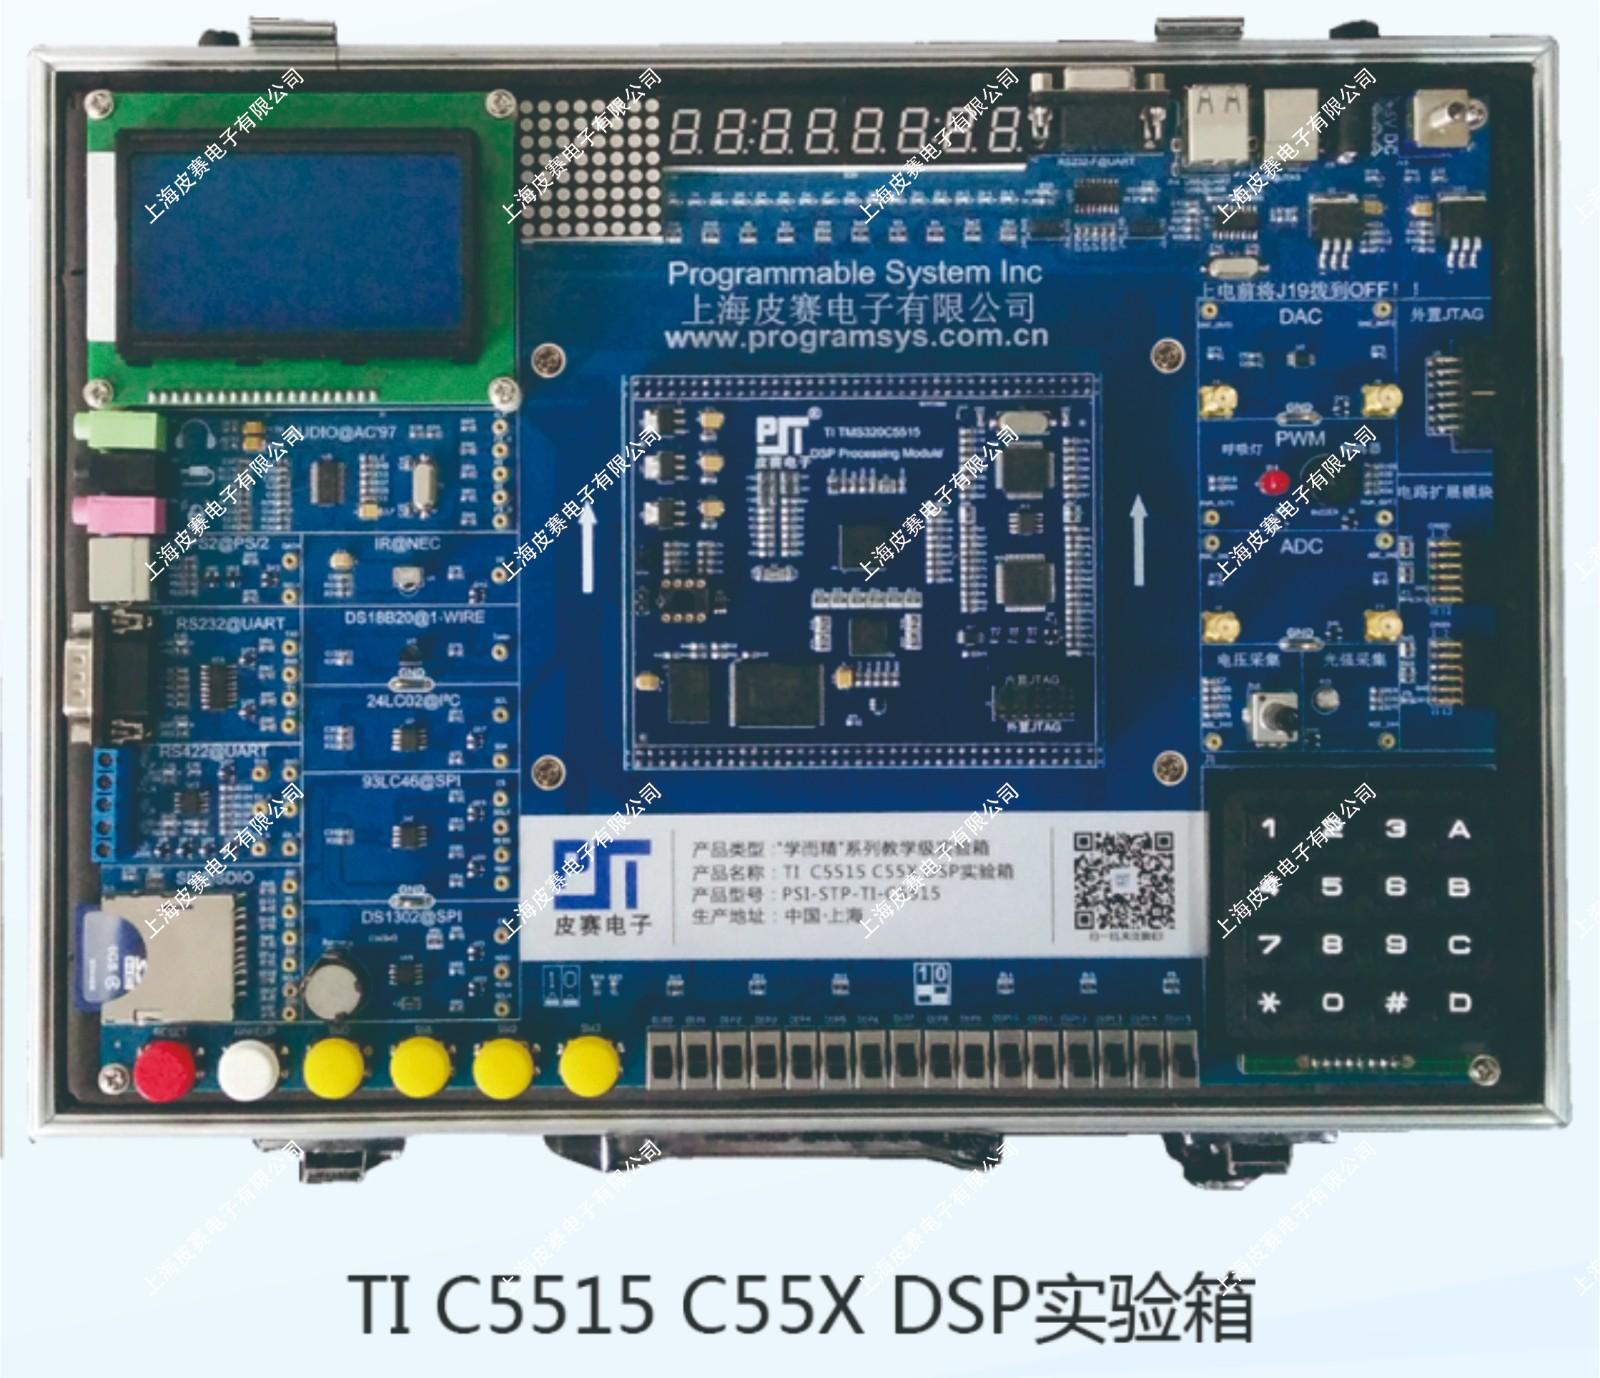 TI C5515 C55X DSP实验箱